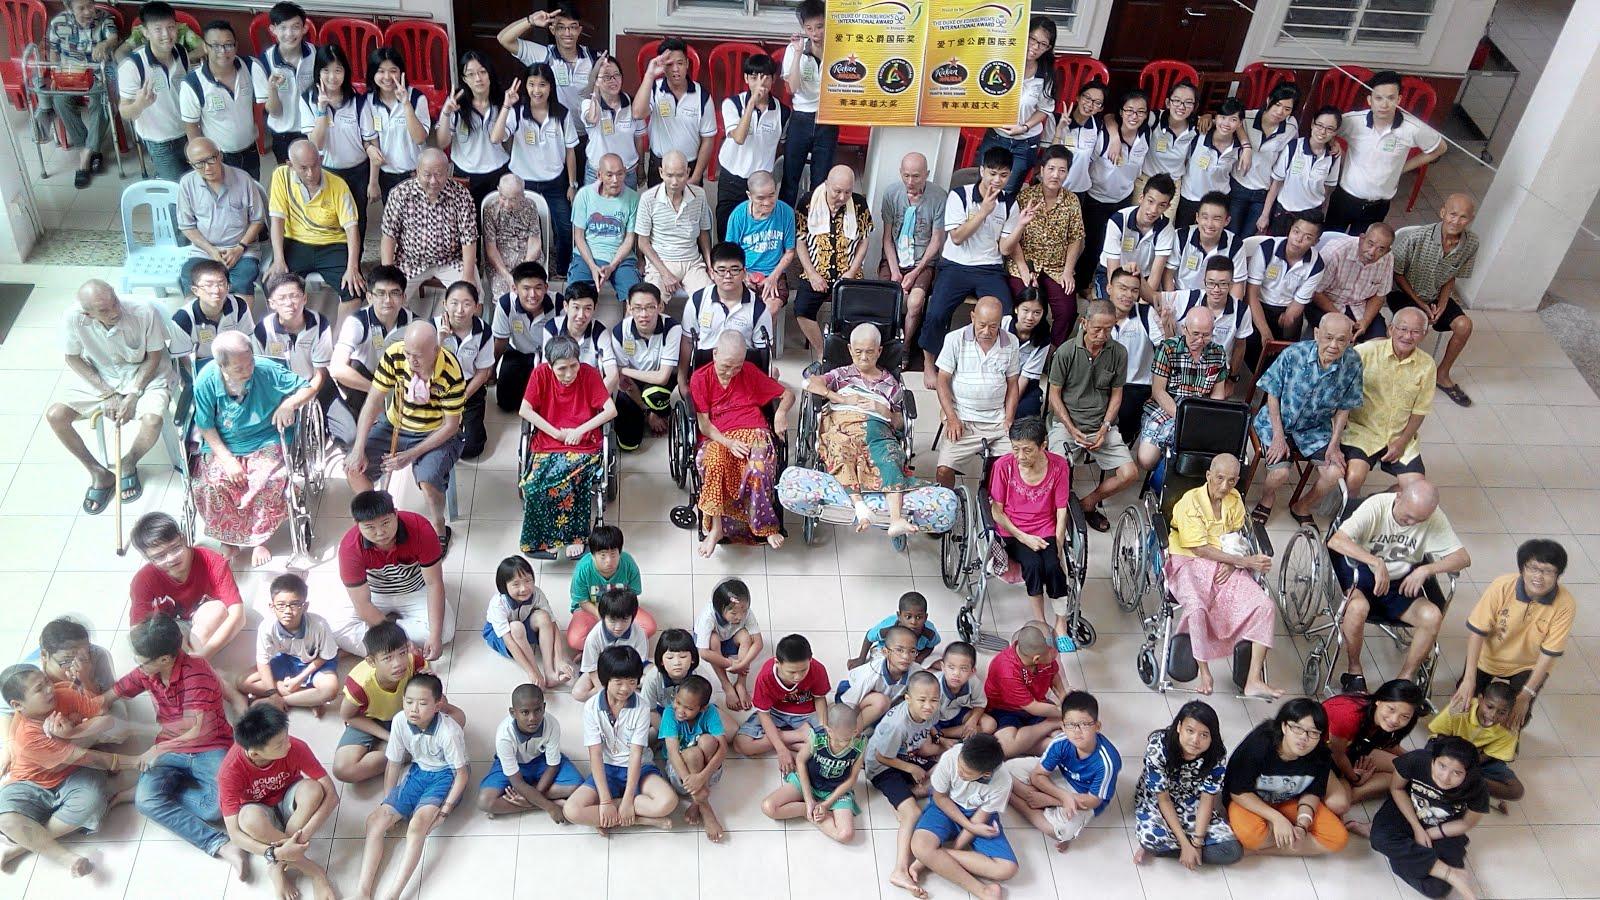 卓越青年社区服务-安宁老人院 9月/2015